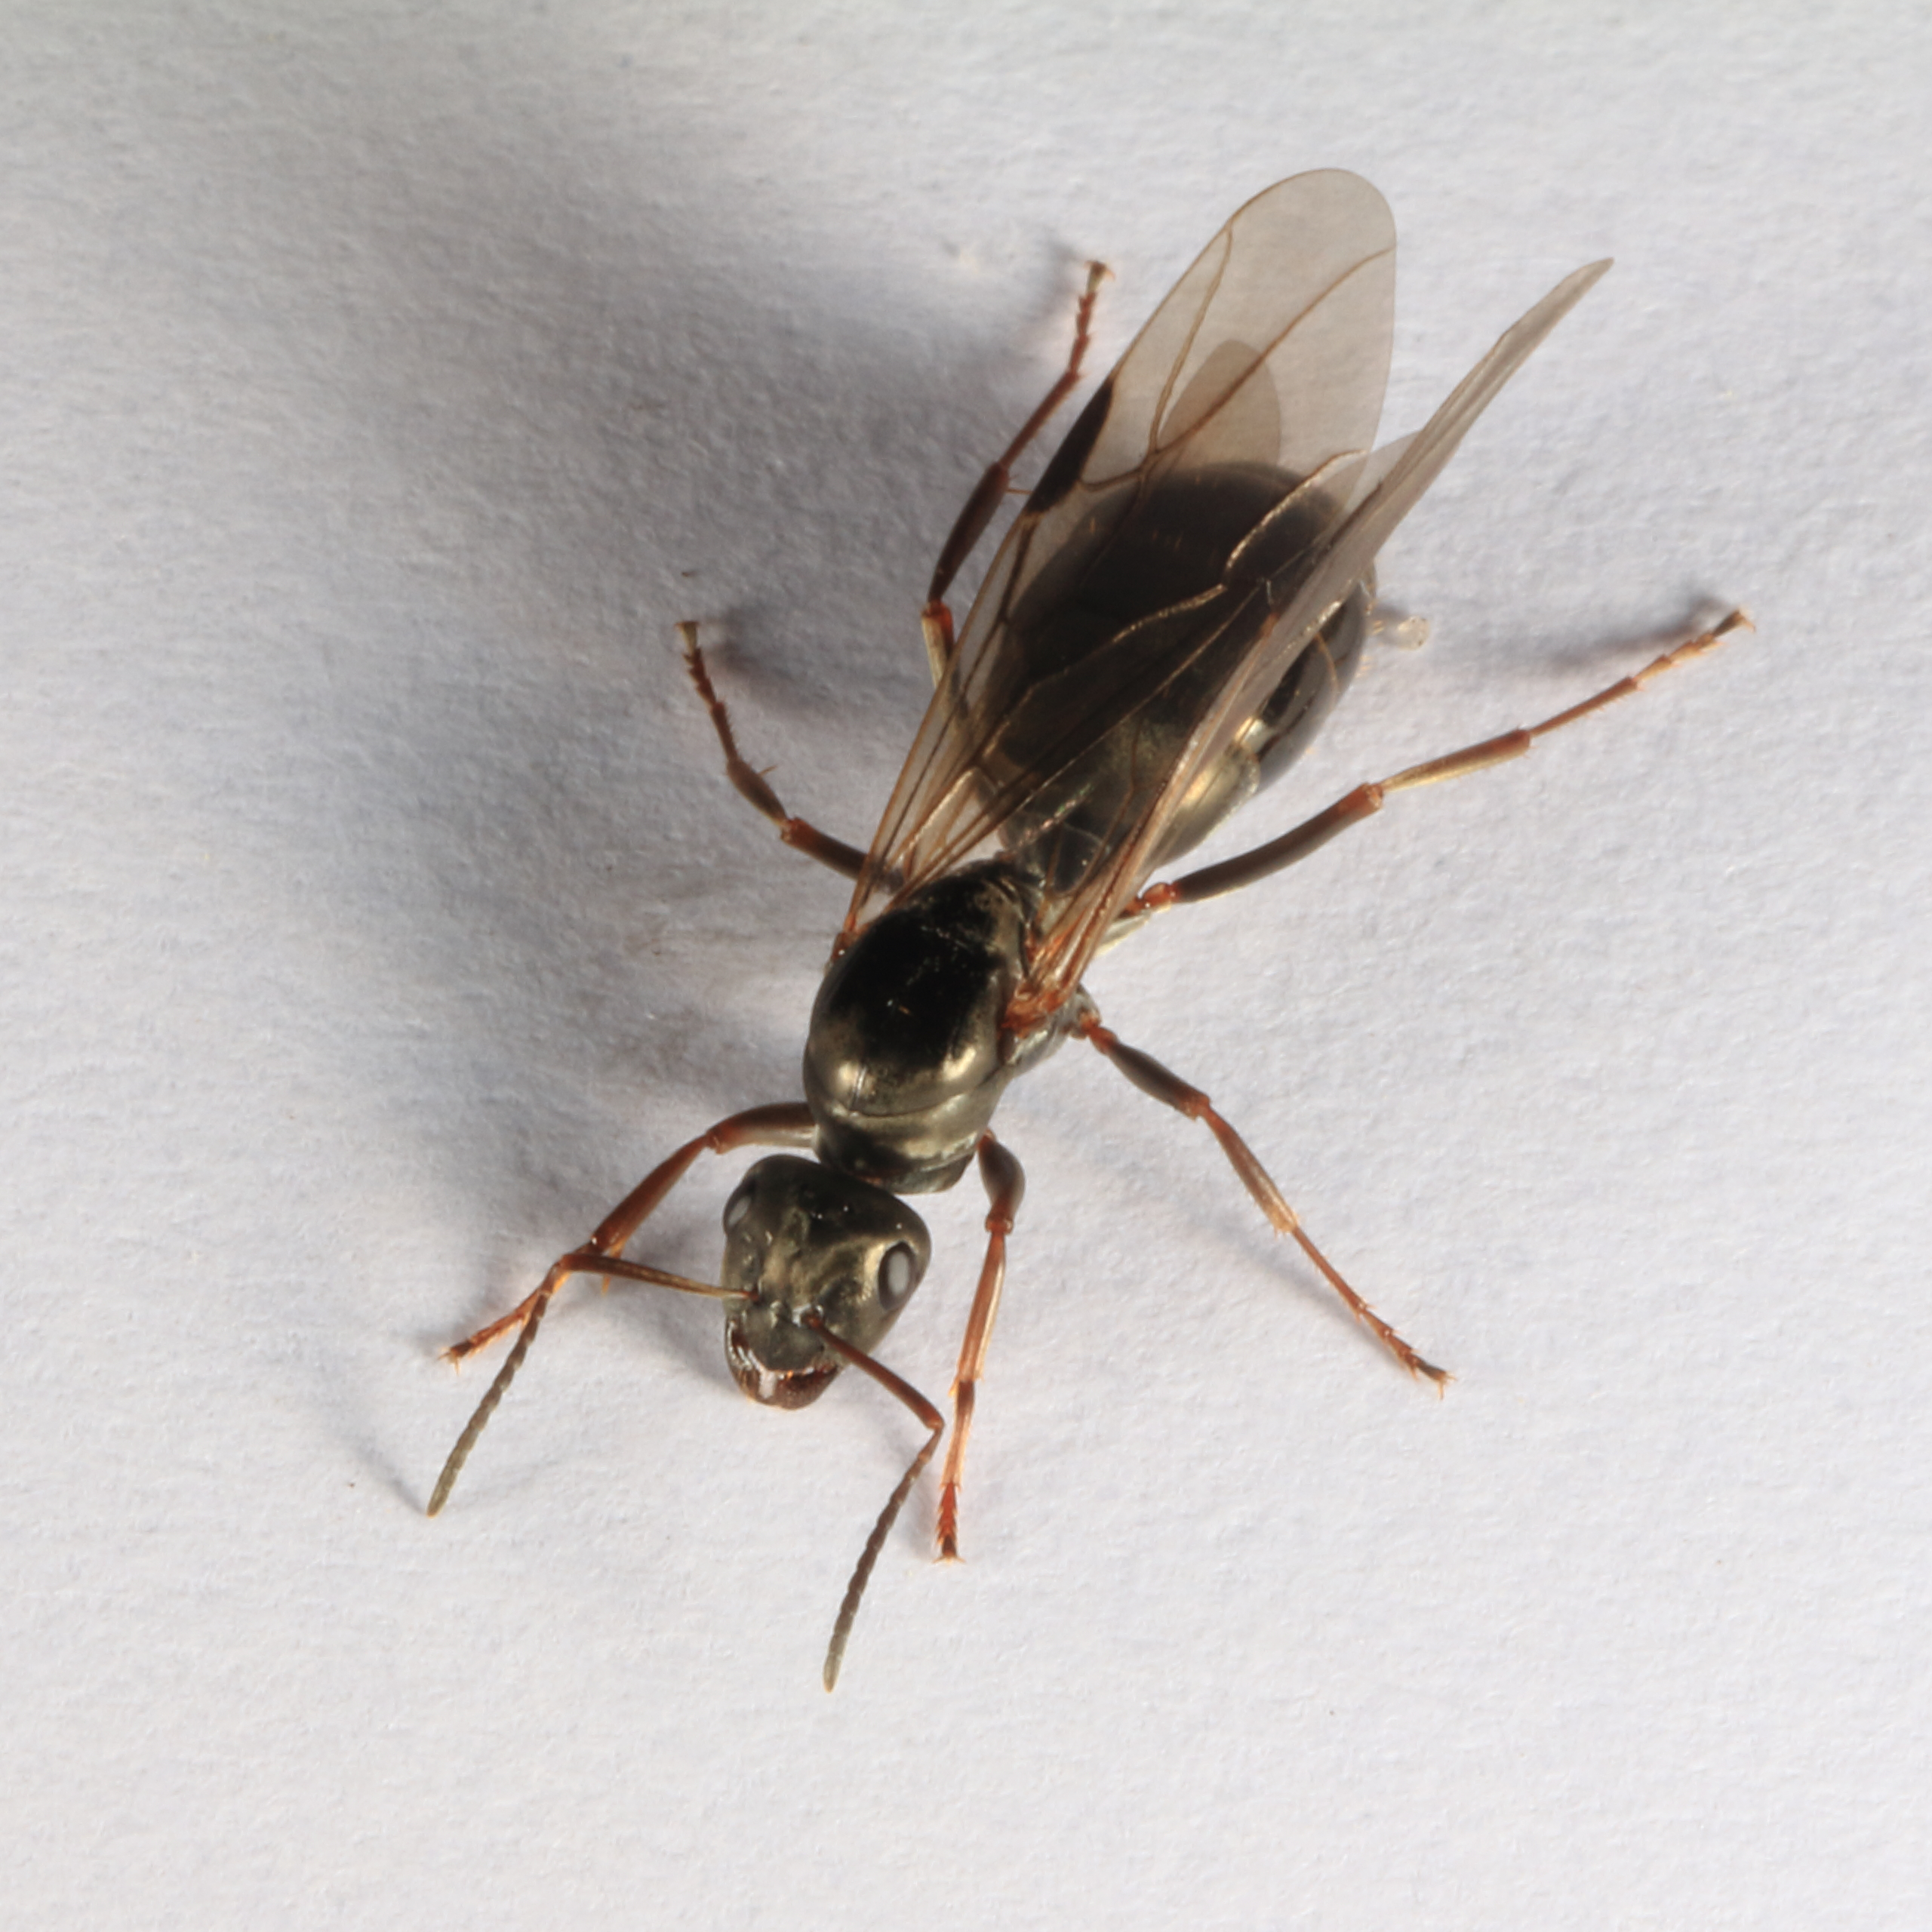 Extrem Datei:Fliegende Ameise 6595.jpg – Wikipedia MB85